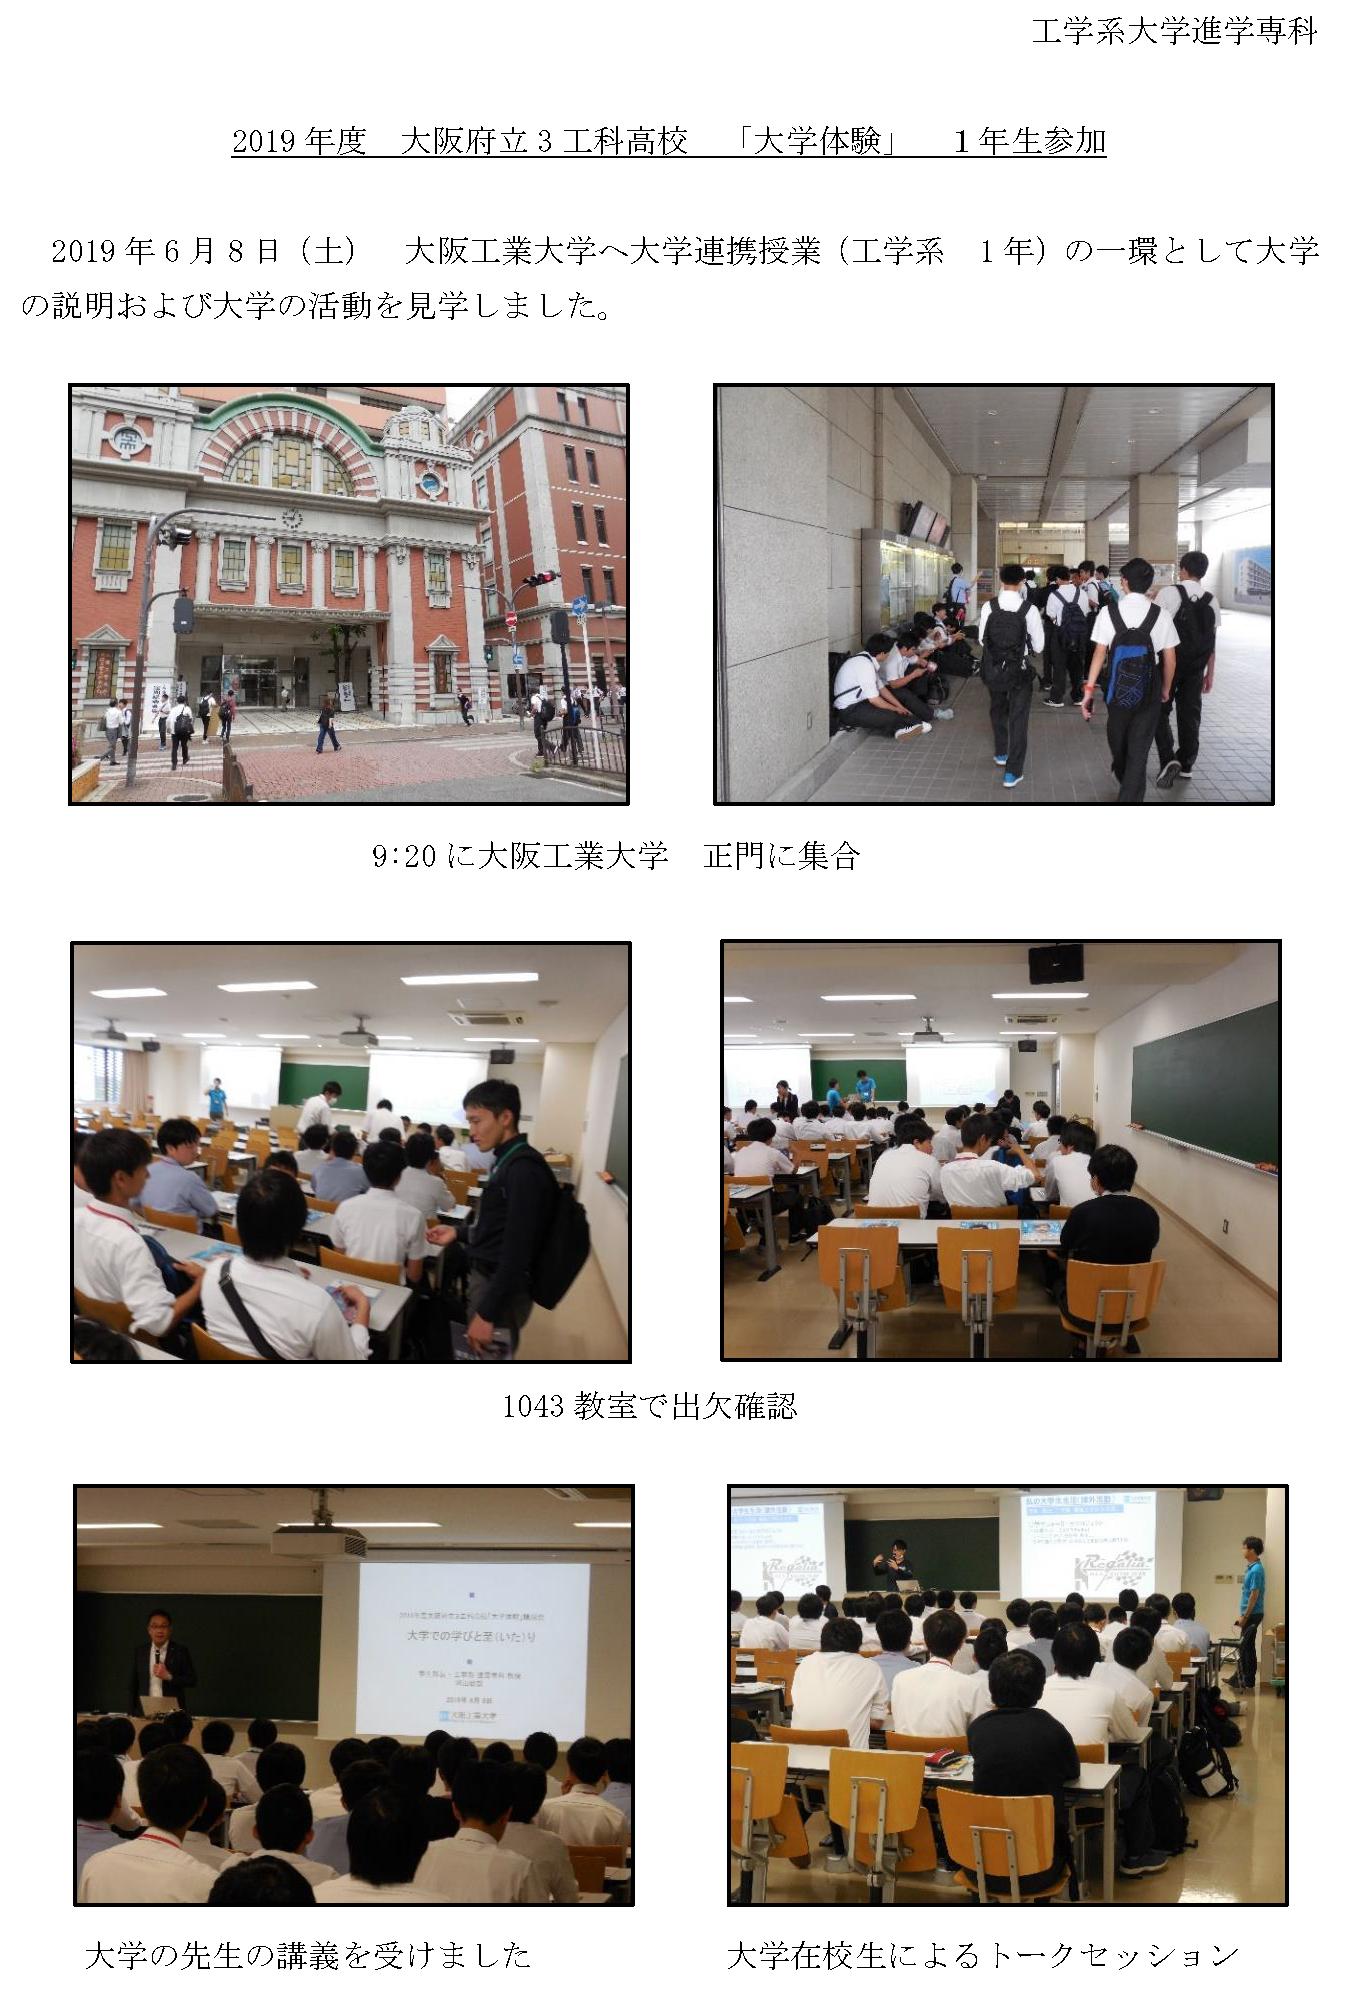 2019工学系3校合同大学体験